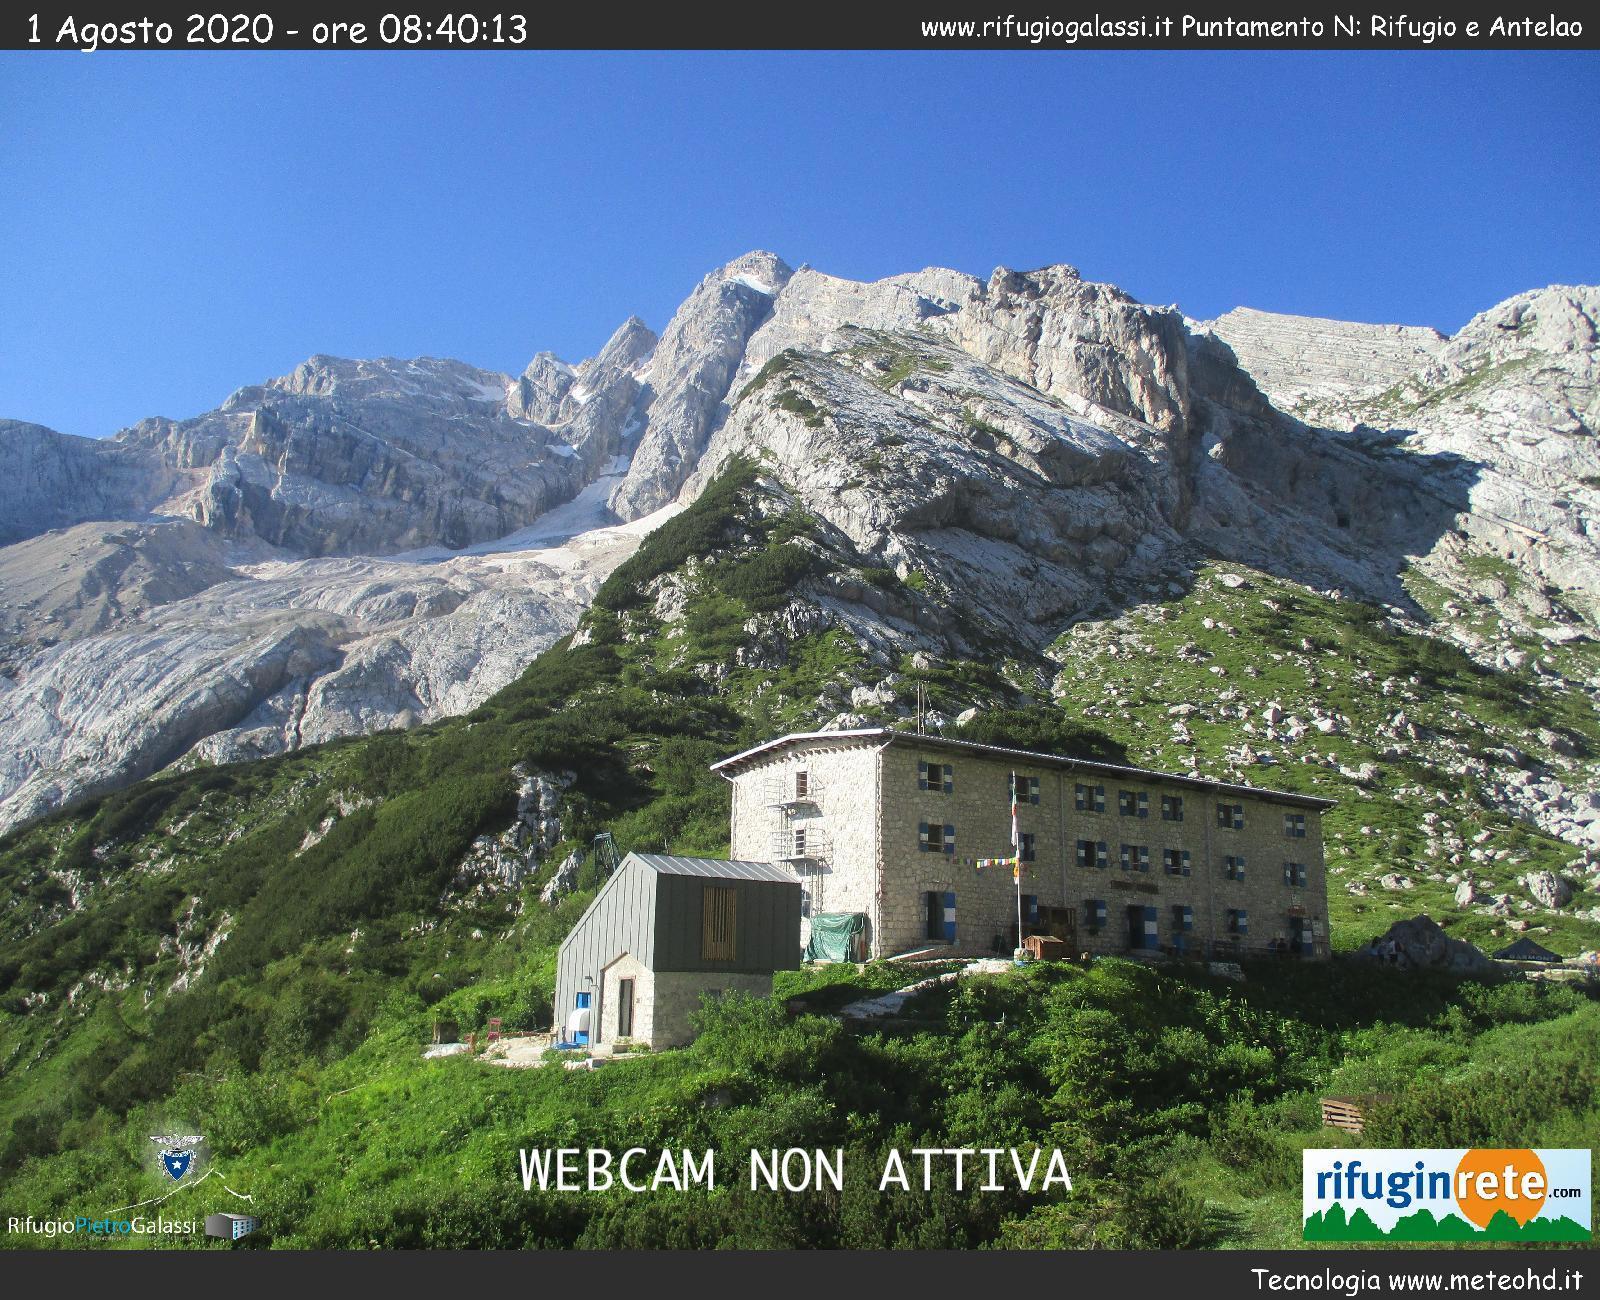 Webcam Rifugio Galassi